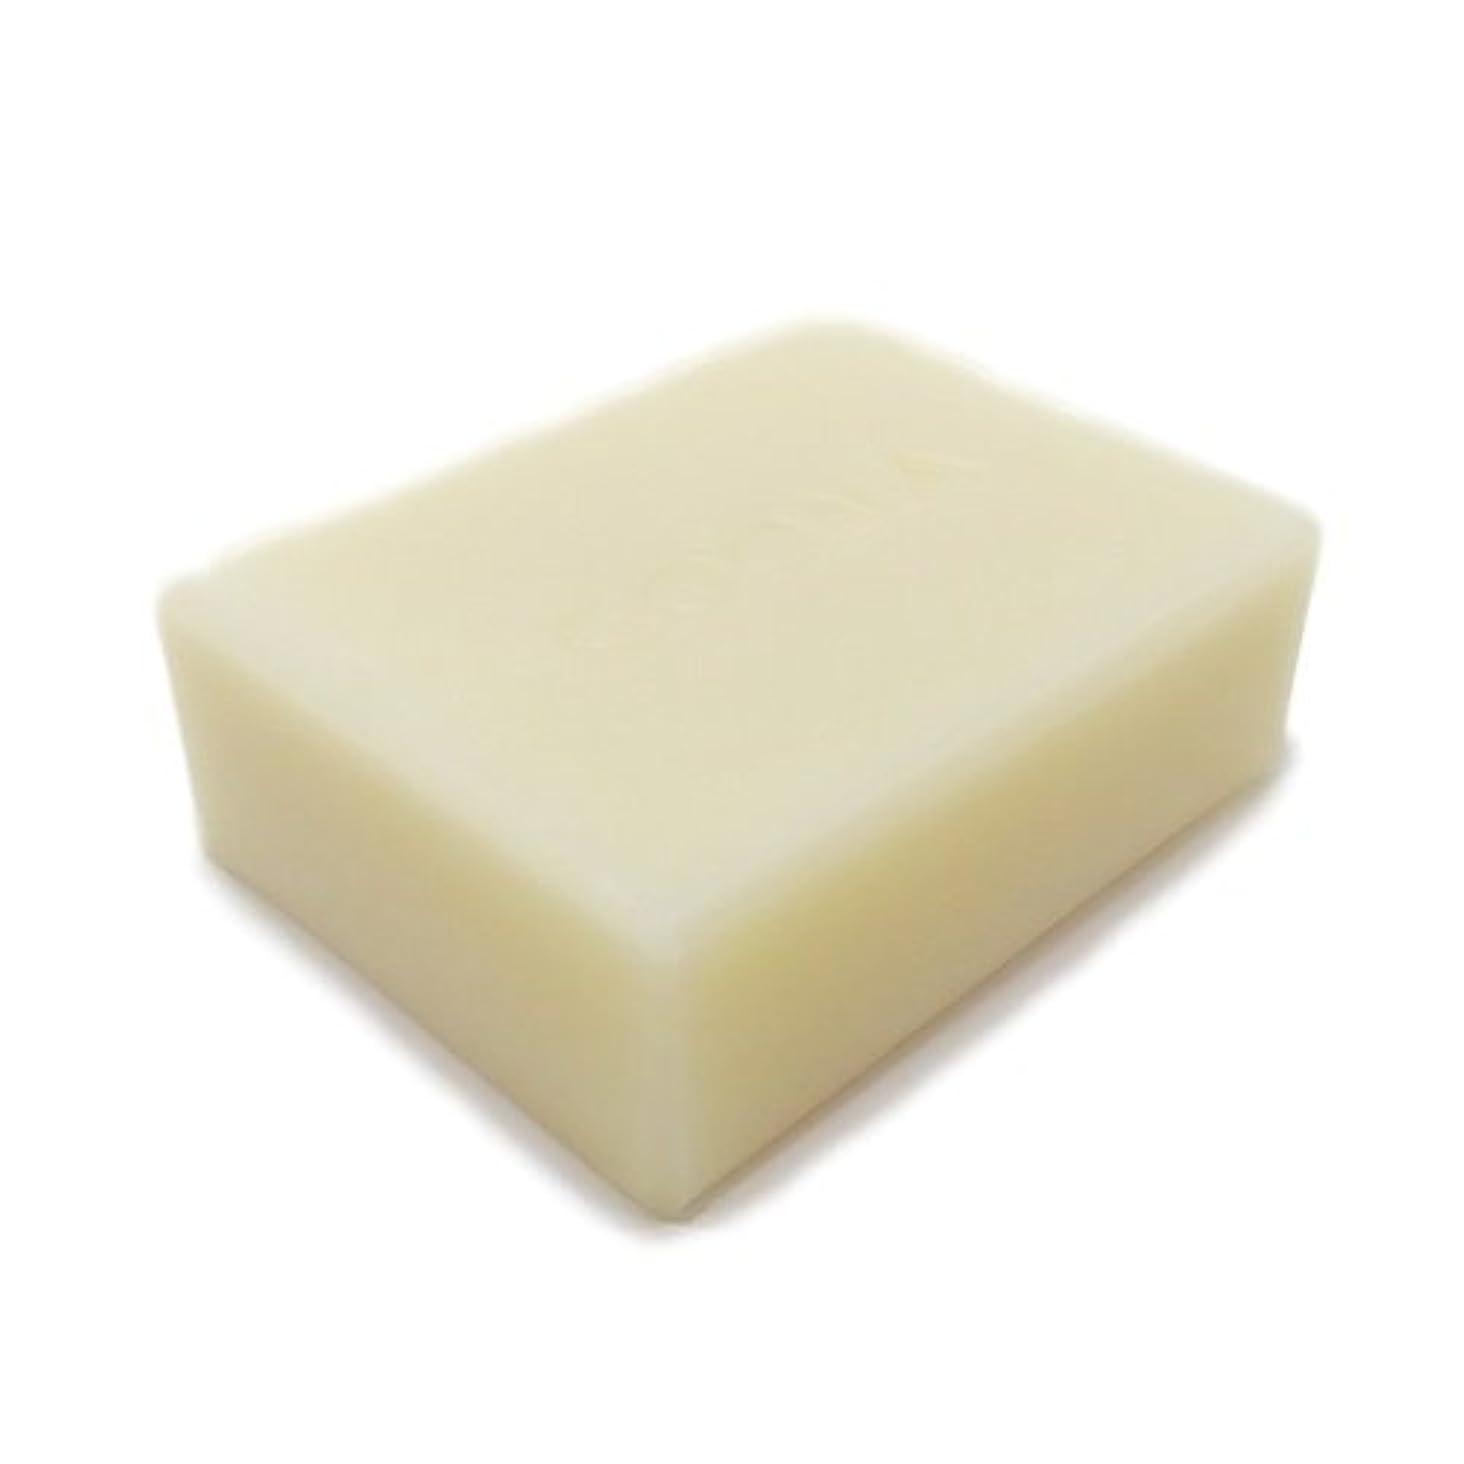 消費休み落ち着いた浴用石鹸 COONA和の香り石けん ゆず (天然素材 自然派 コールドプロセス 手作り せっけん) 80g